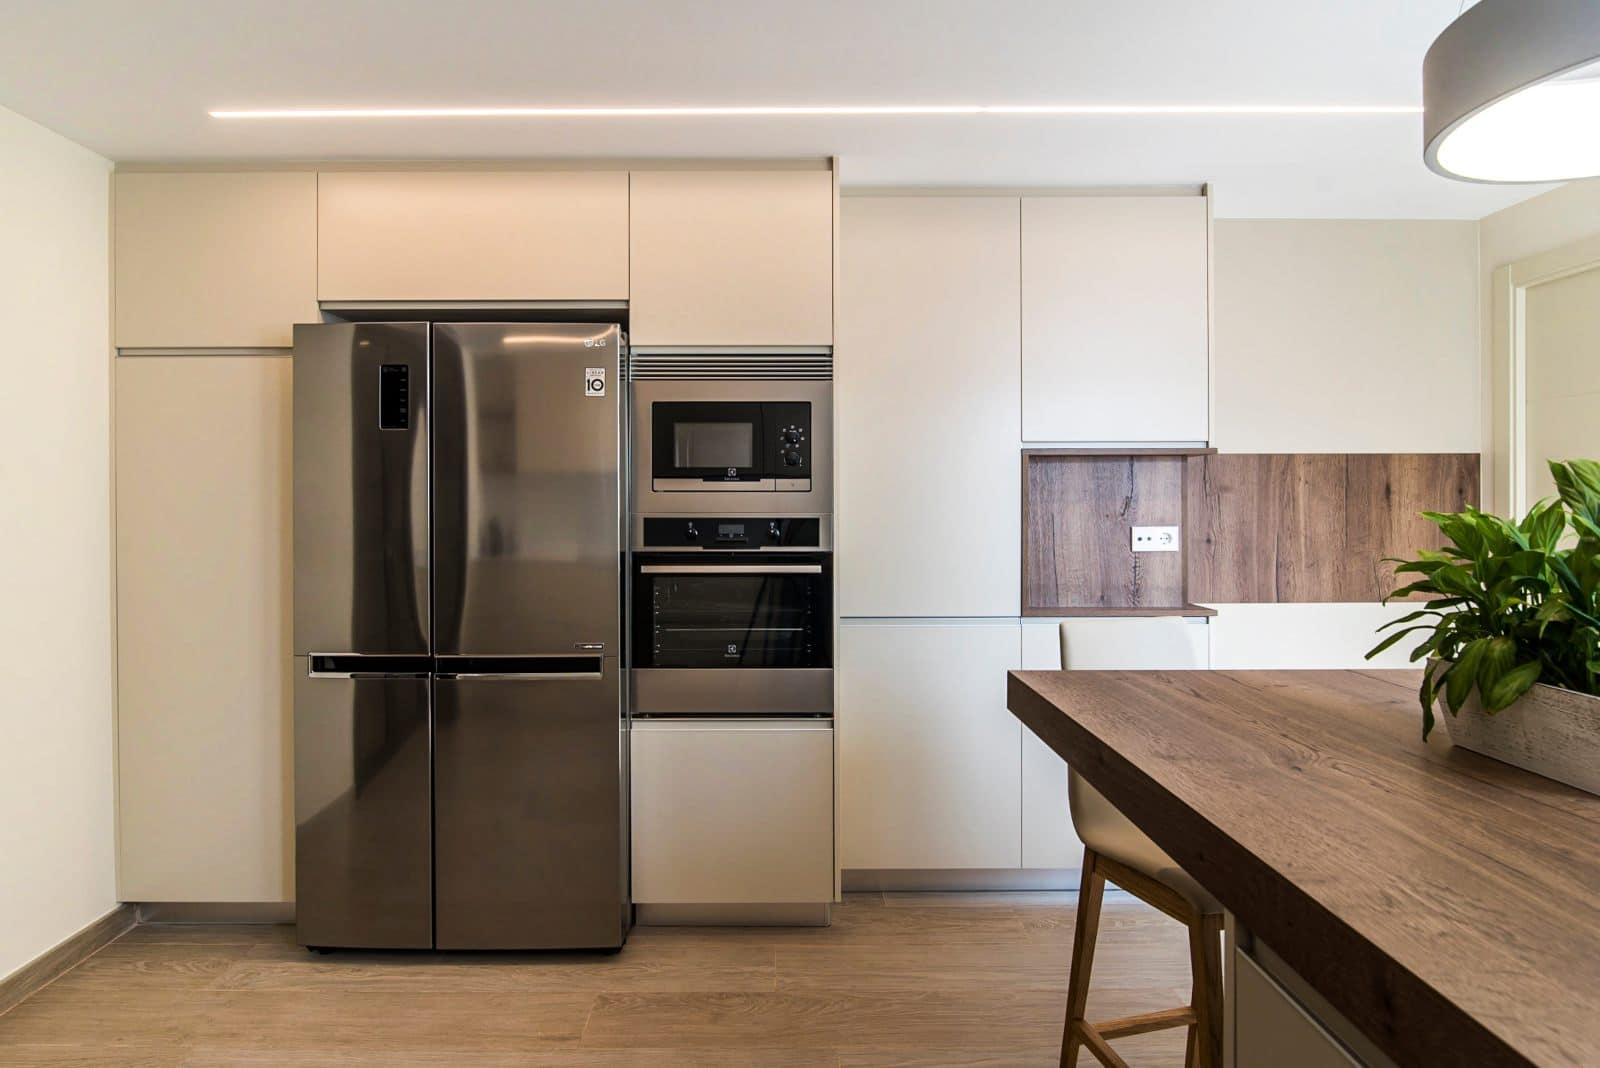 cocina con península y muebles de cocina modernos